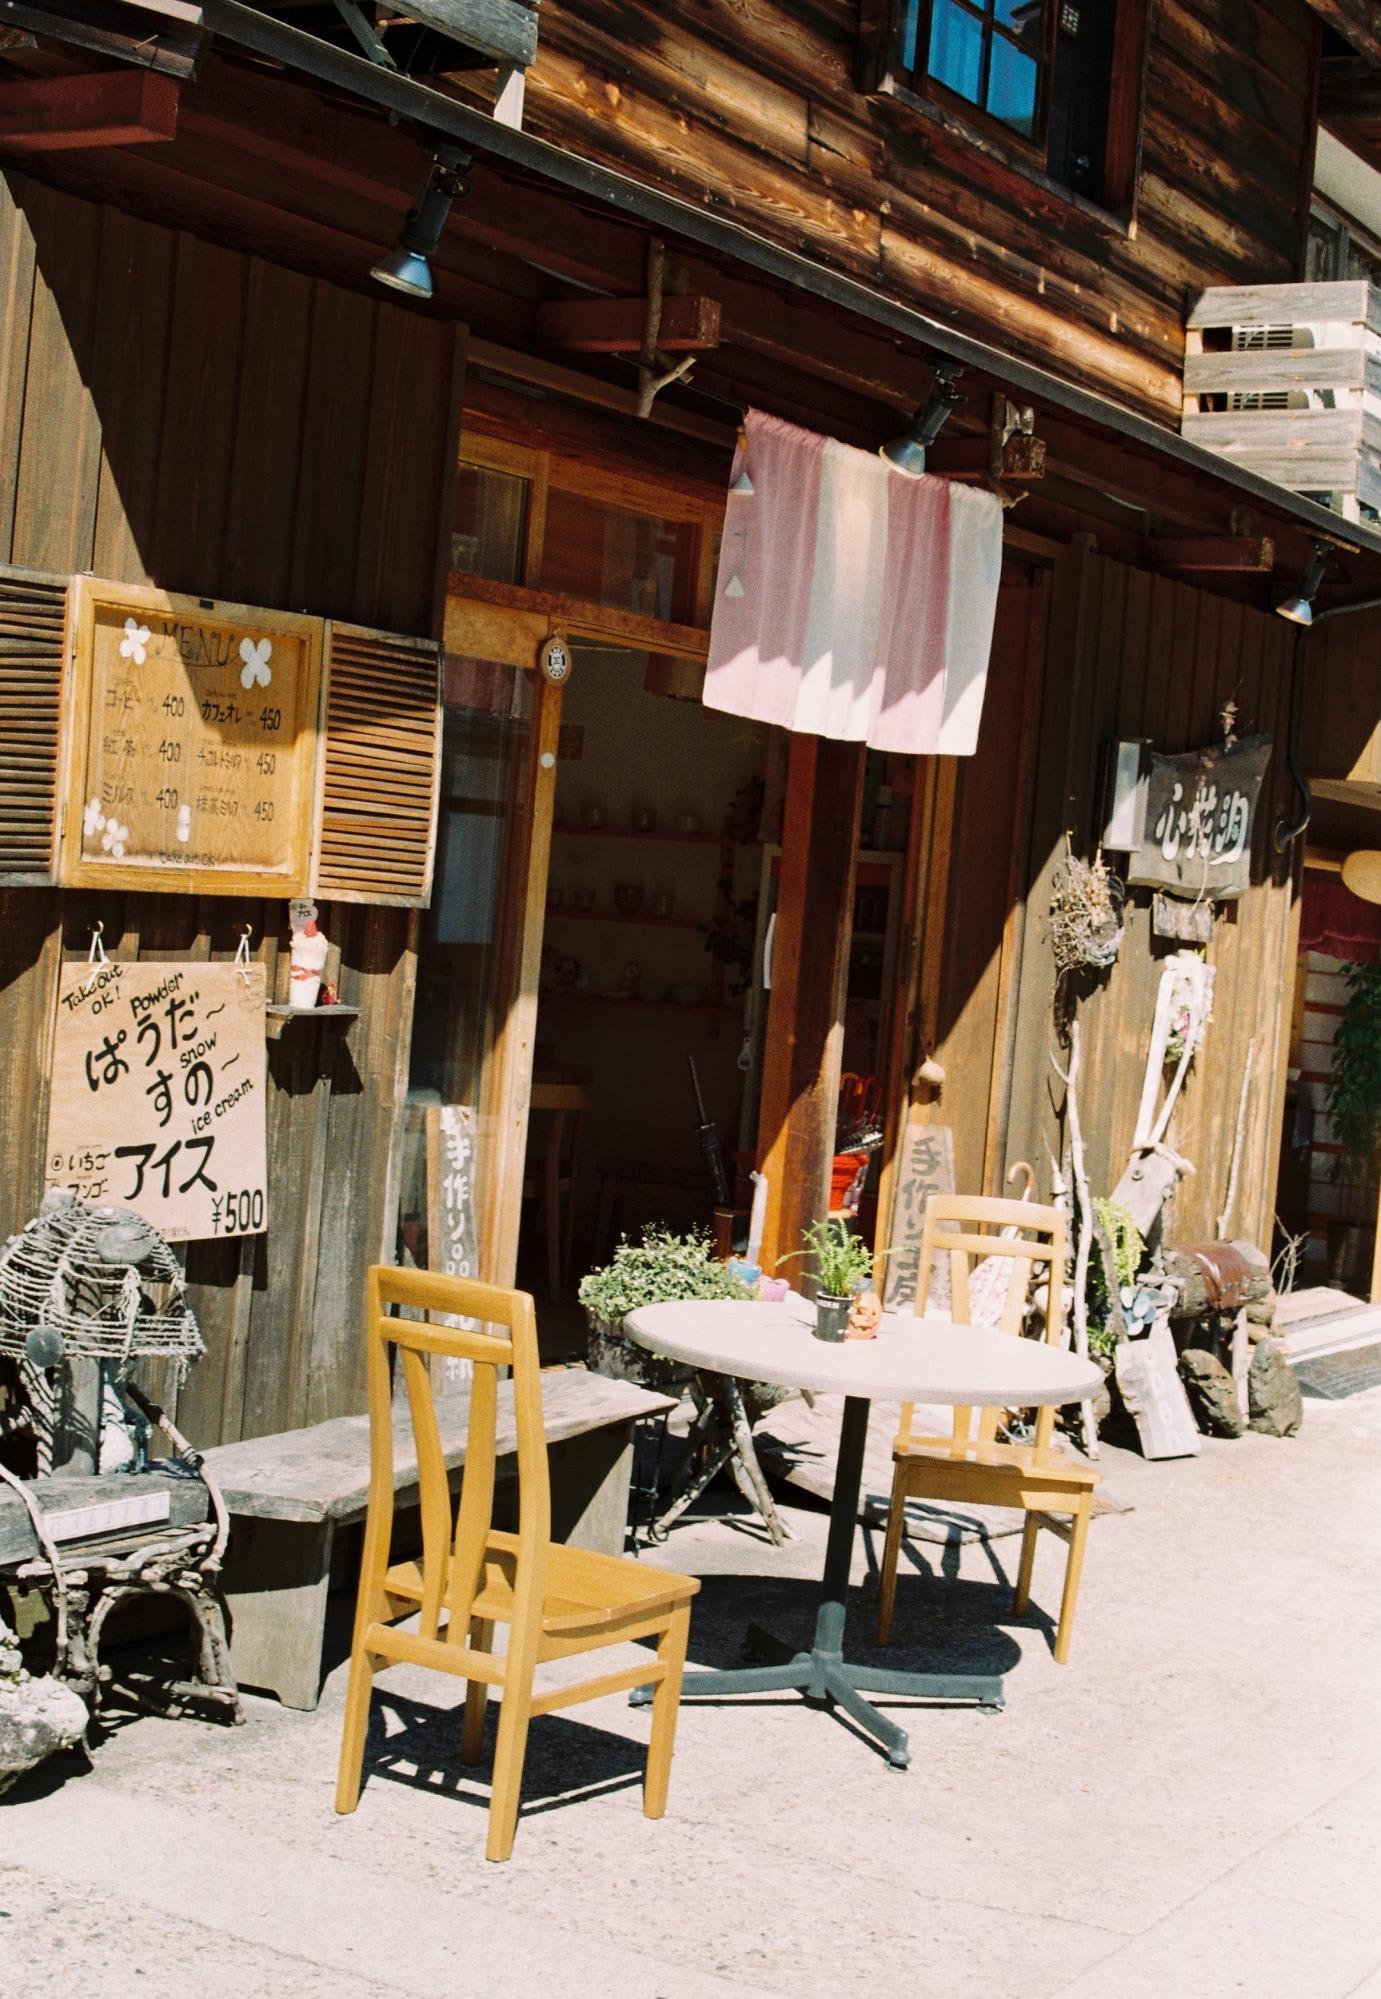 bàn ghế quanh phố tại làng shirakawa-go